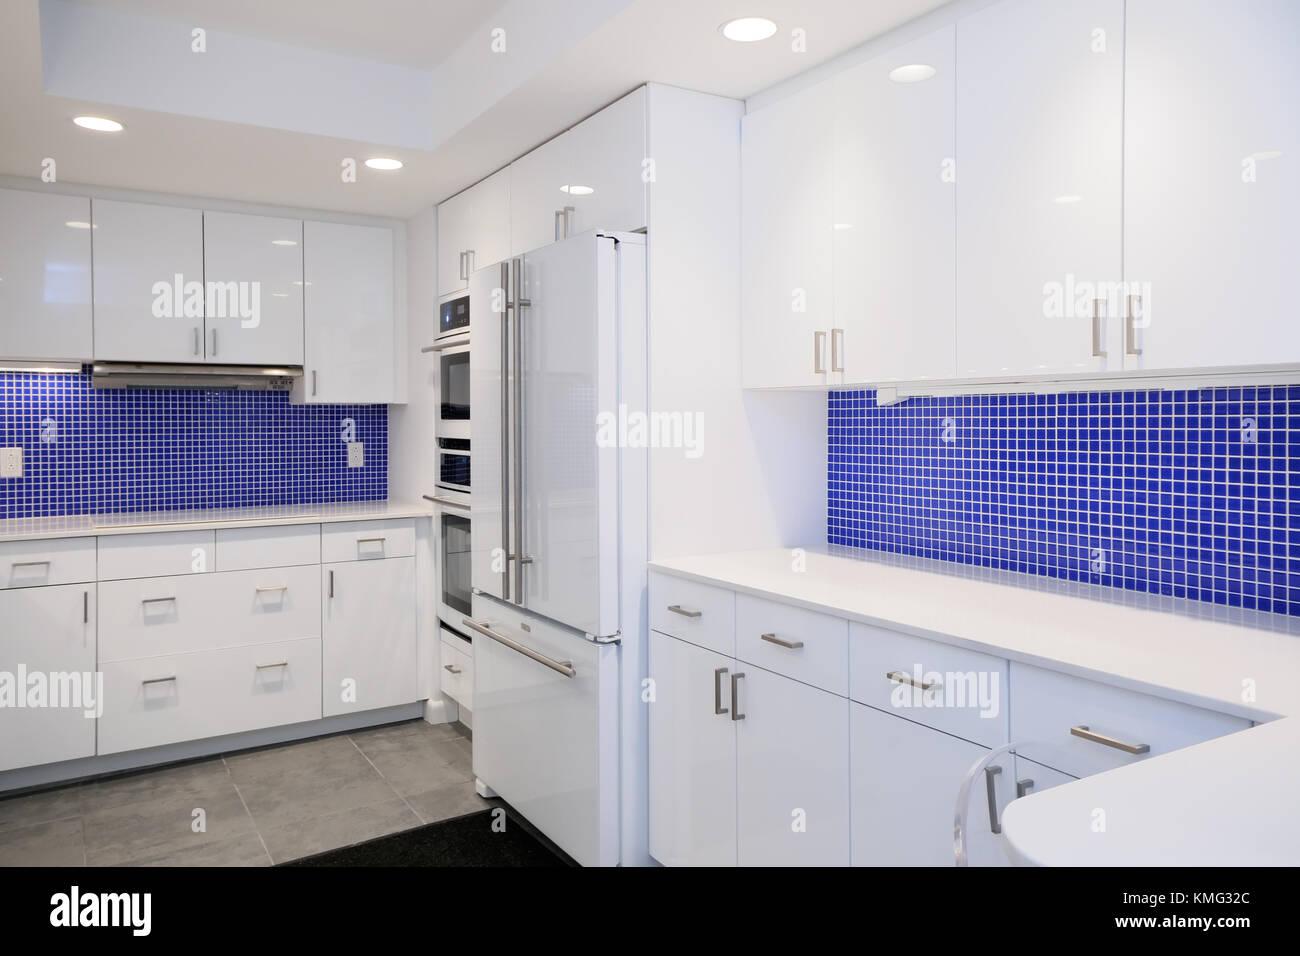 Großartig Küchenarbeitsplatten Weißen Schränke Bilder ...